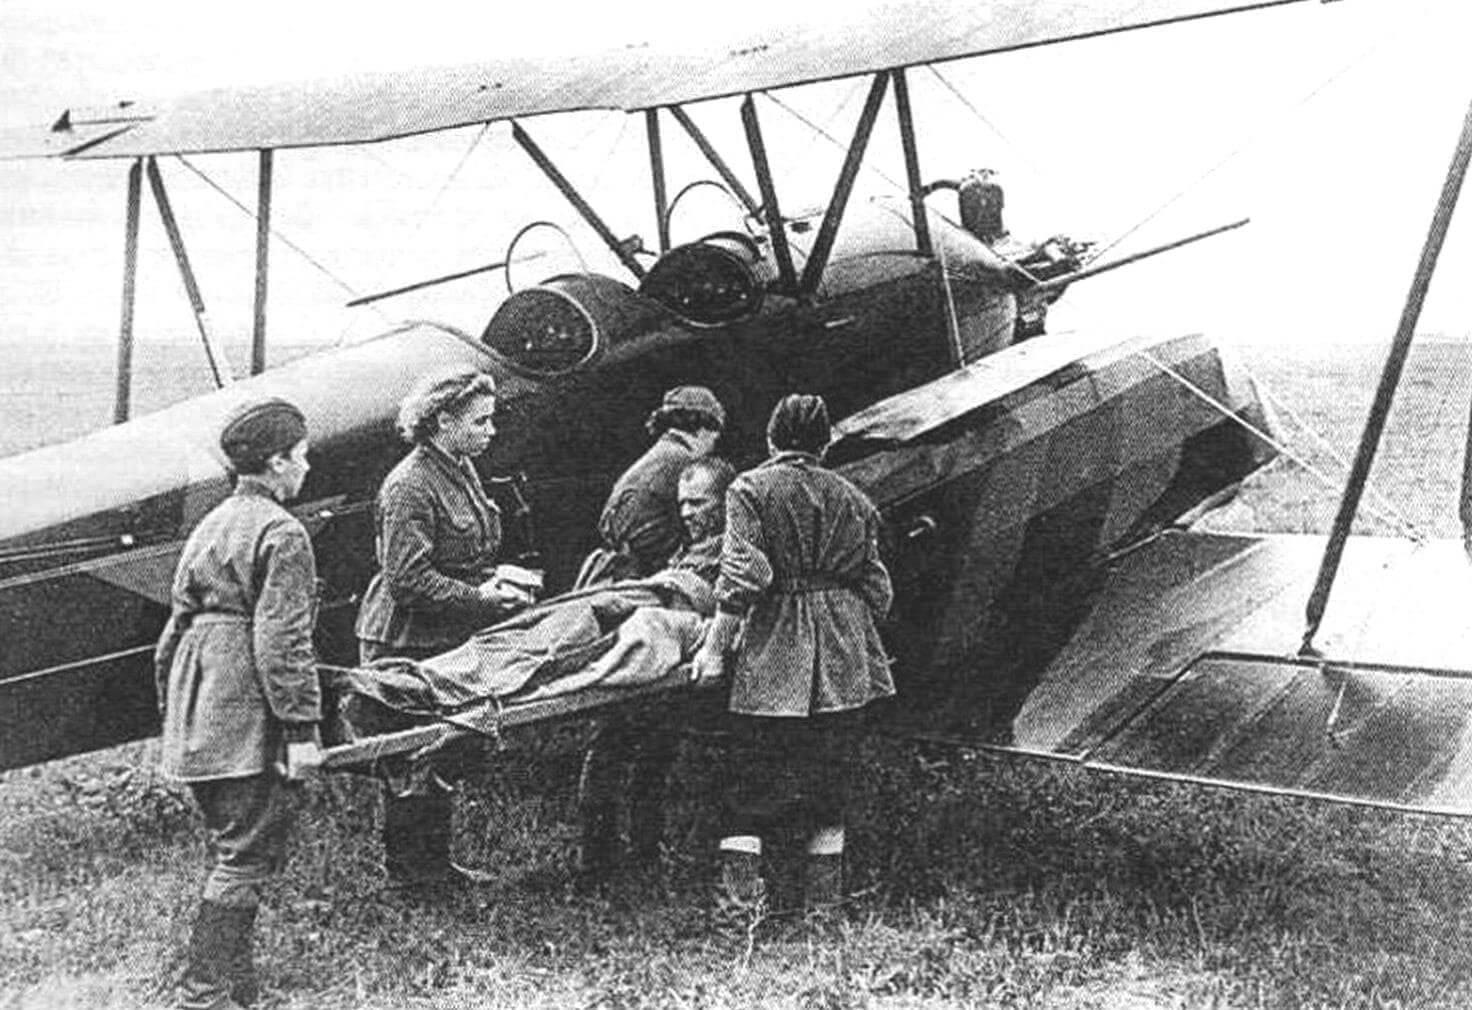 Девушки-медики загружают раненого бойца в У-2, оборудованный санитарными кассетами Бакшаева (1942 год)